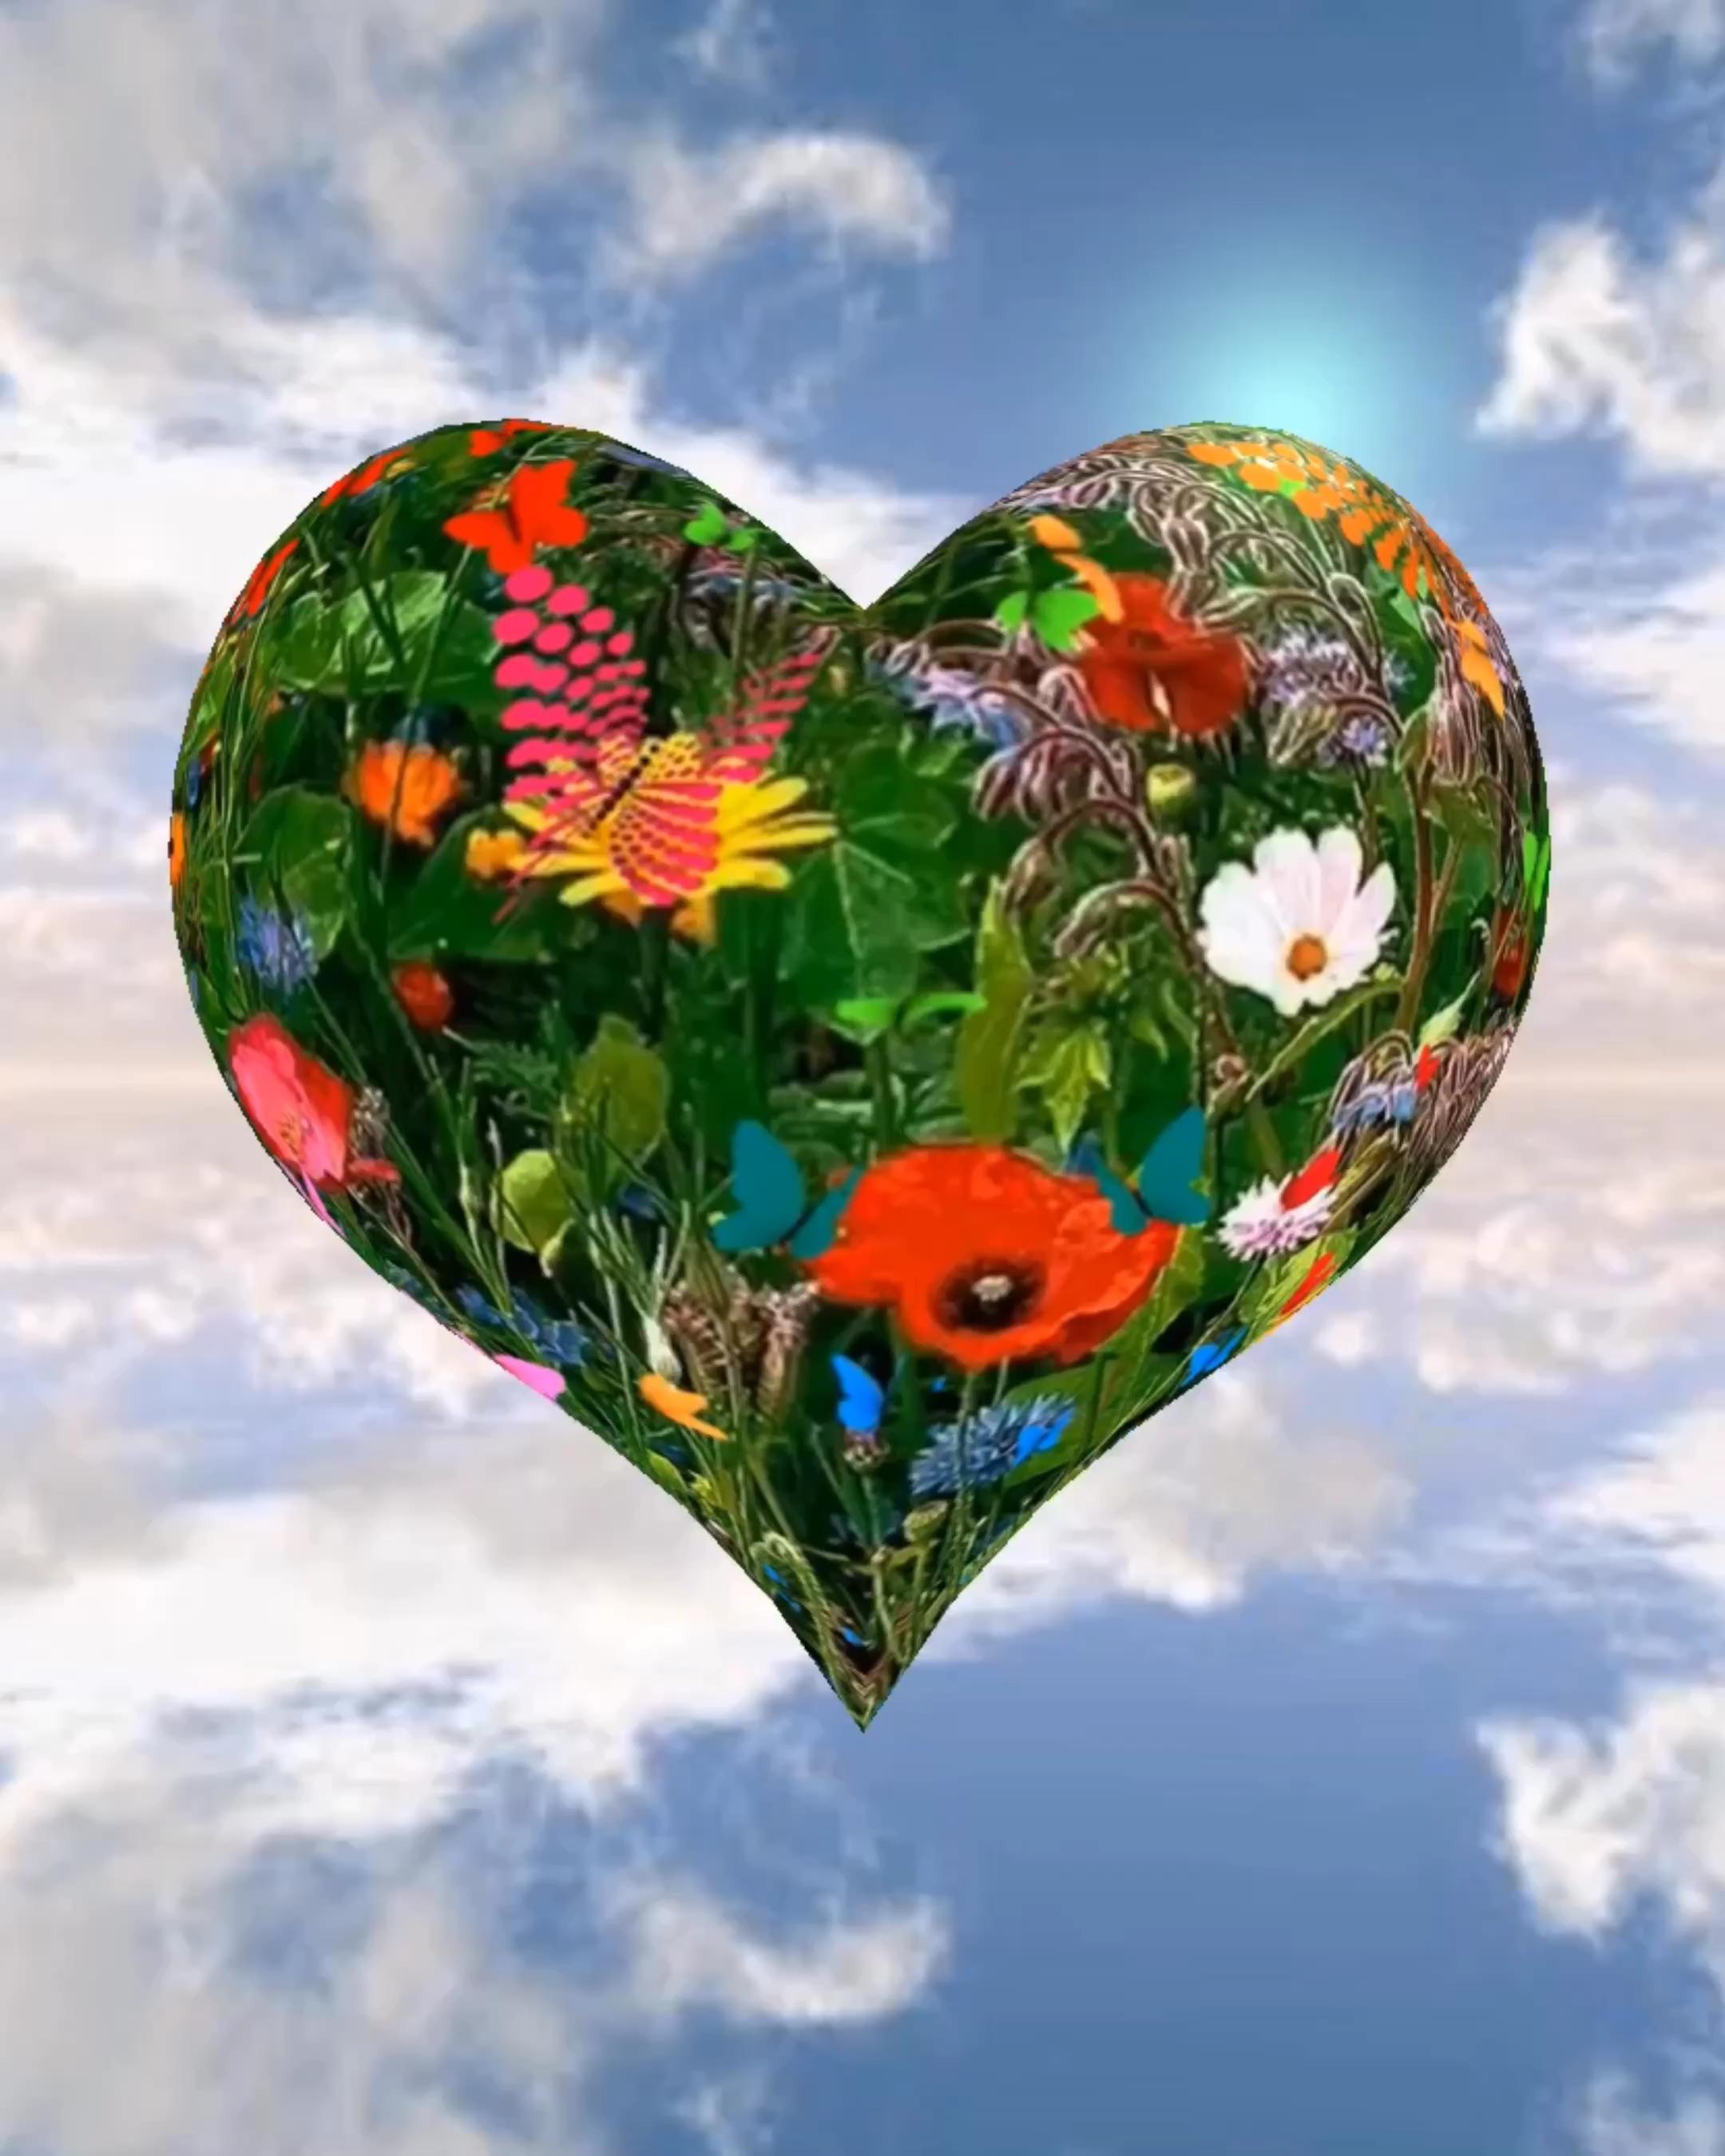 Ein Herz fliegt hinaus in die Welt und will bringe viel Liebe, Glück, Gesundheit und Frieden auf der ganzen Welt. Peace and Love!🕊💟☮️ #Luck #Glück #Herz #Heart